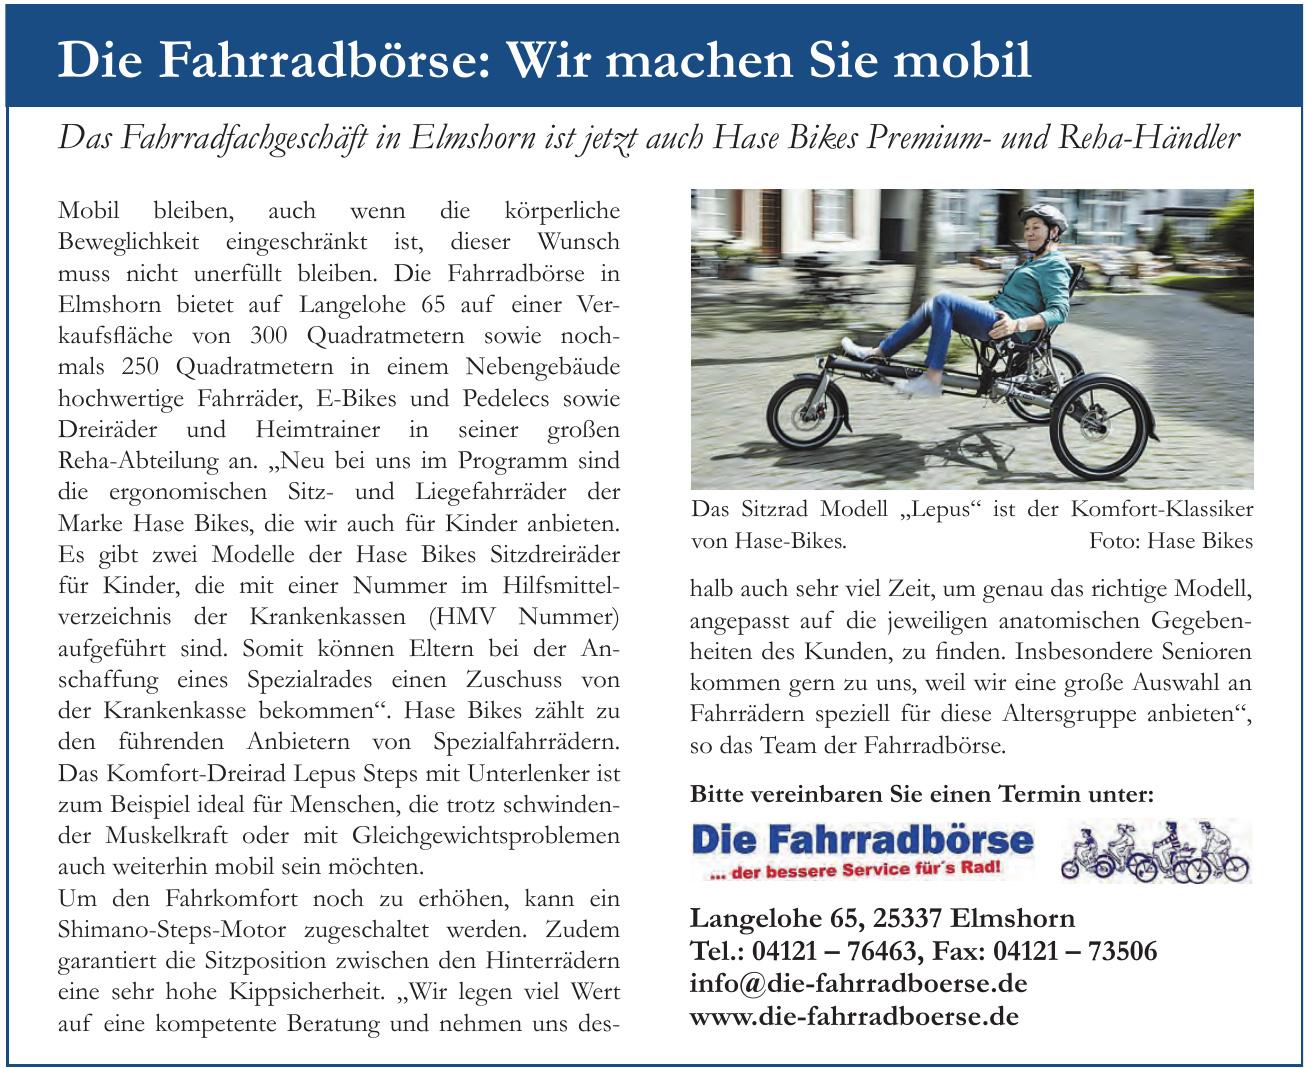 Fahrrad-Börse